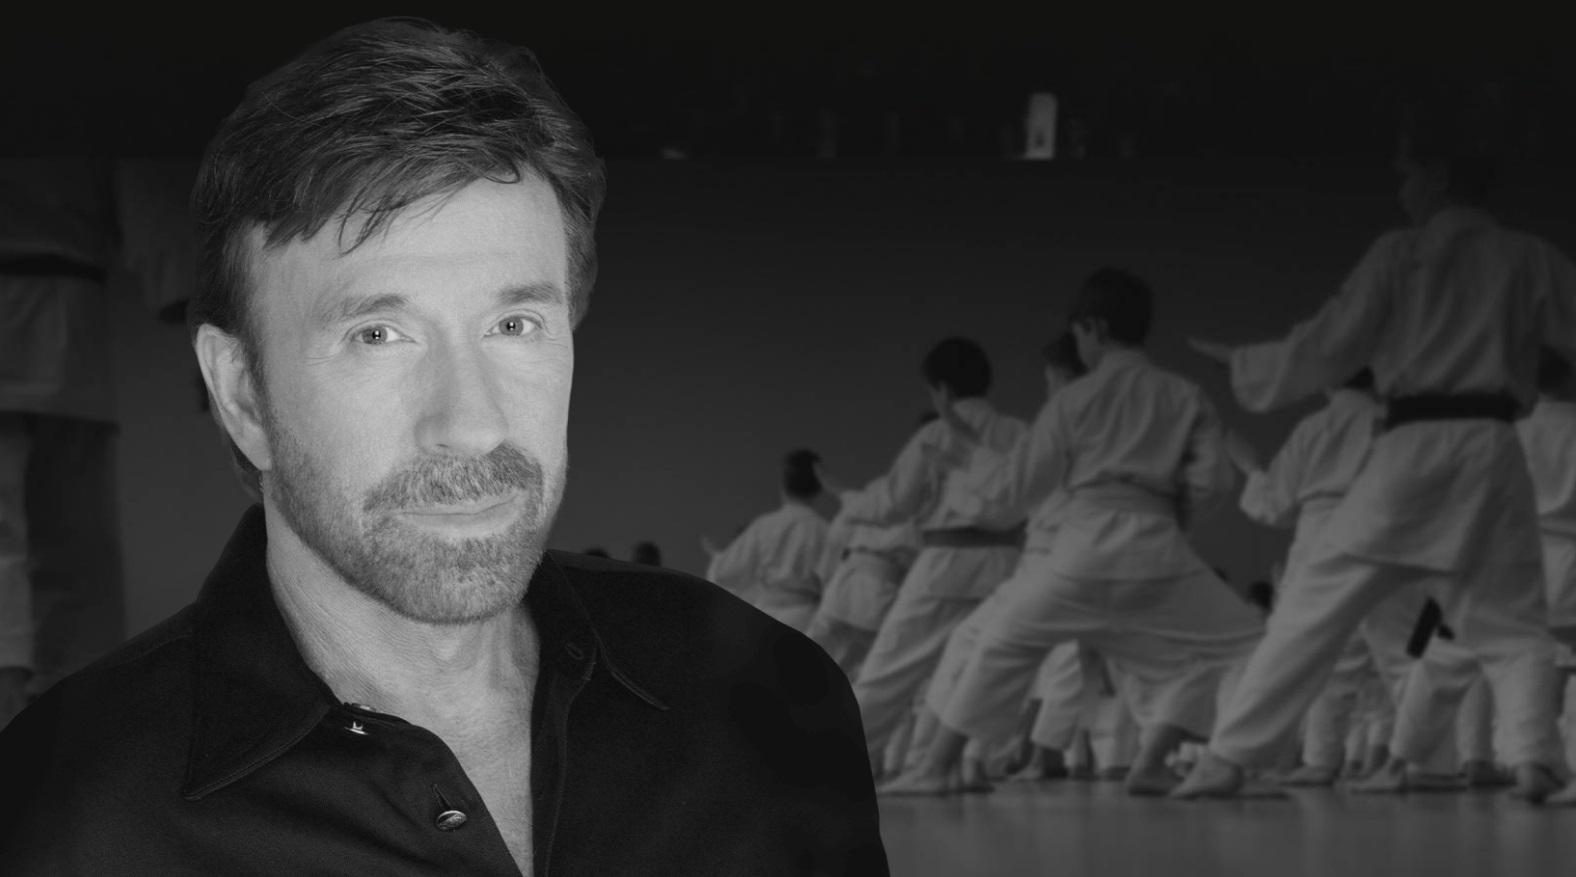 Хабиб Нурмагомедов и Чак Норрис выступили на первом онлайн-форуме боевых искусств